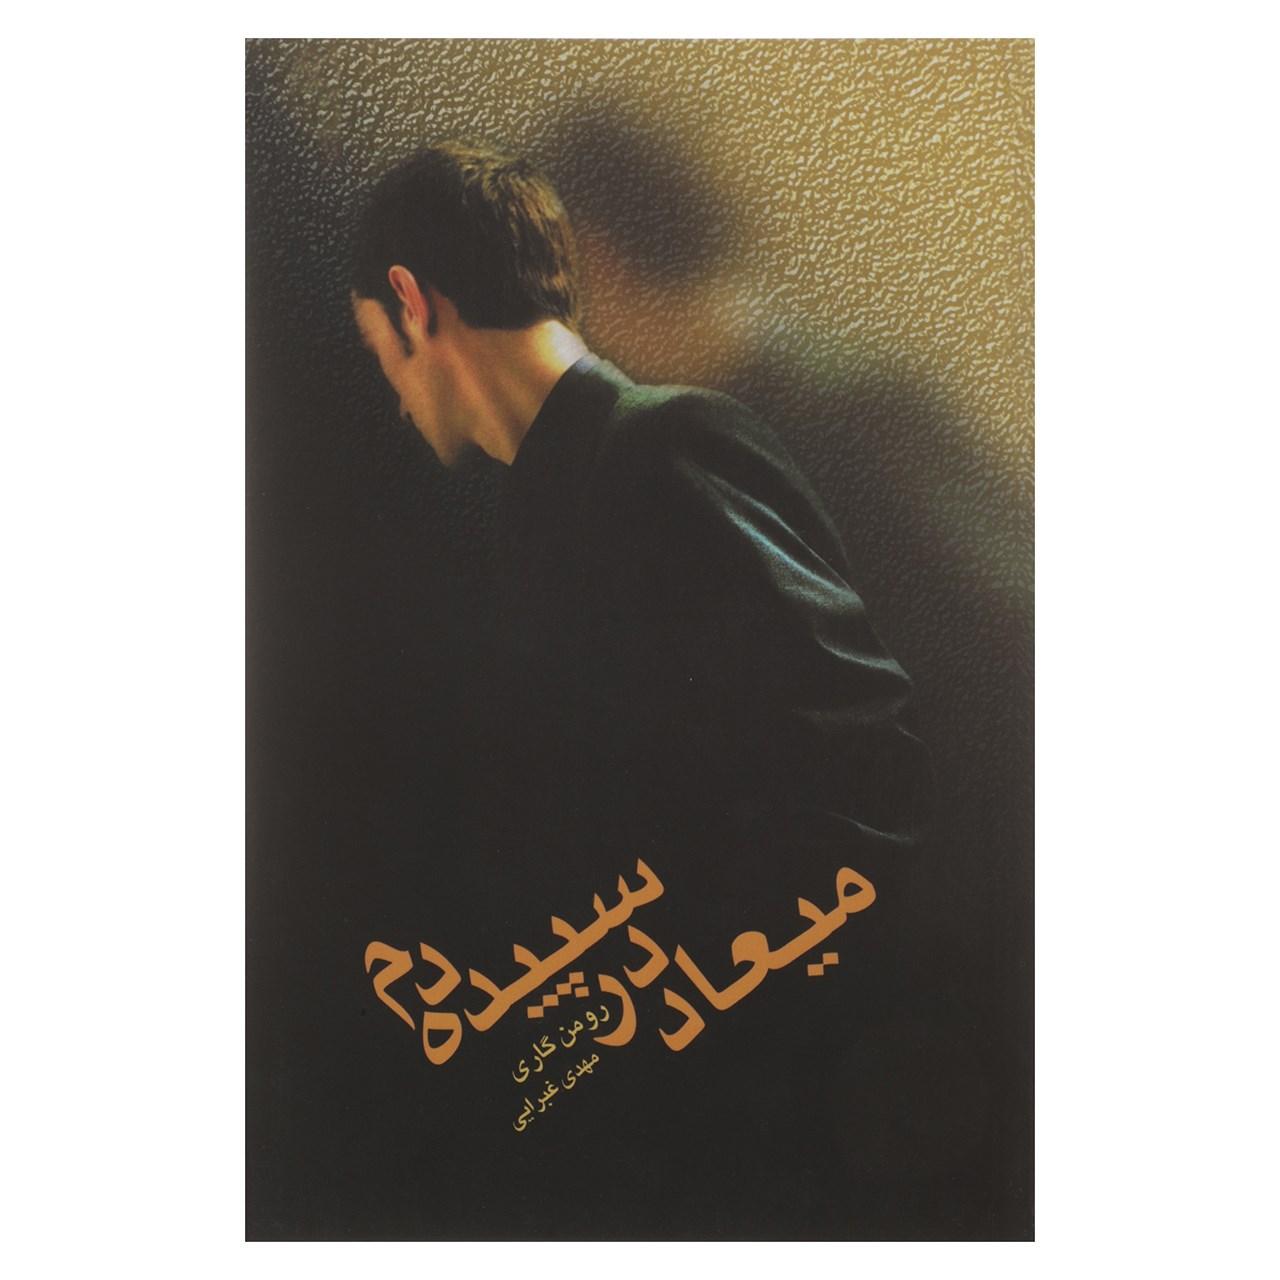 کتاب میعاد در سپیده دم اثر رومن گاری